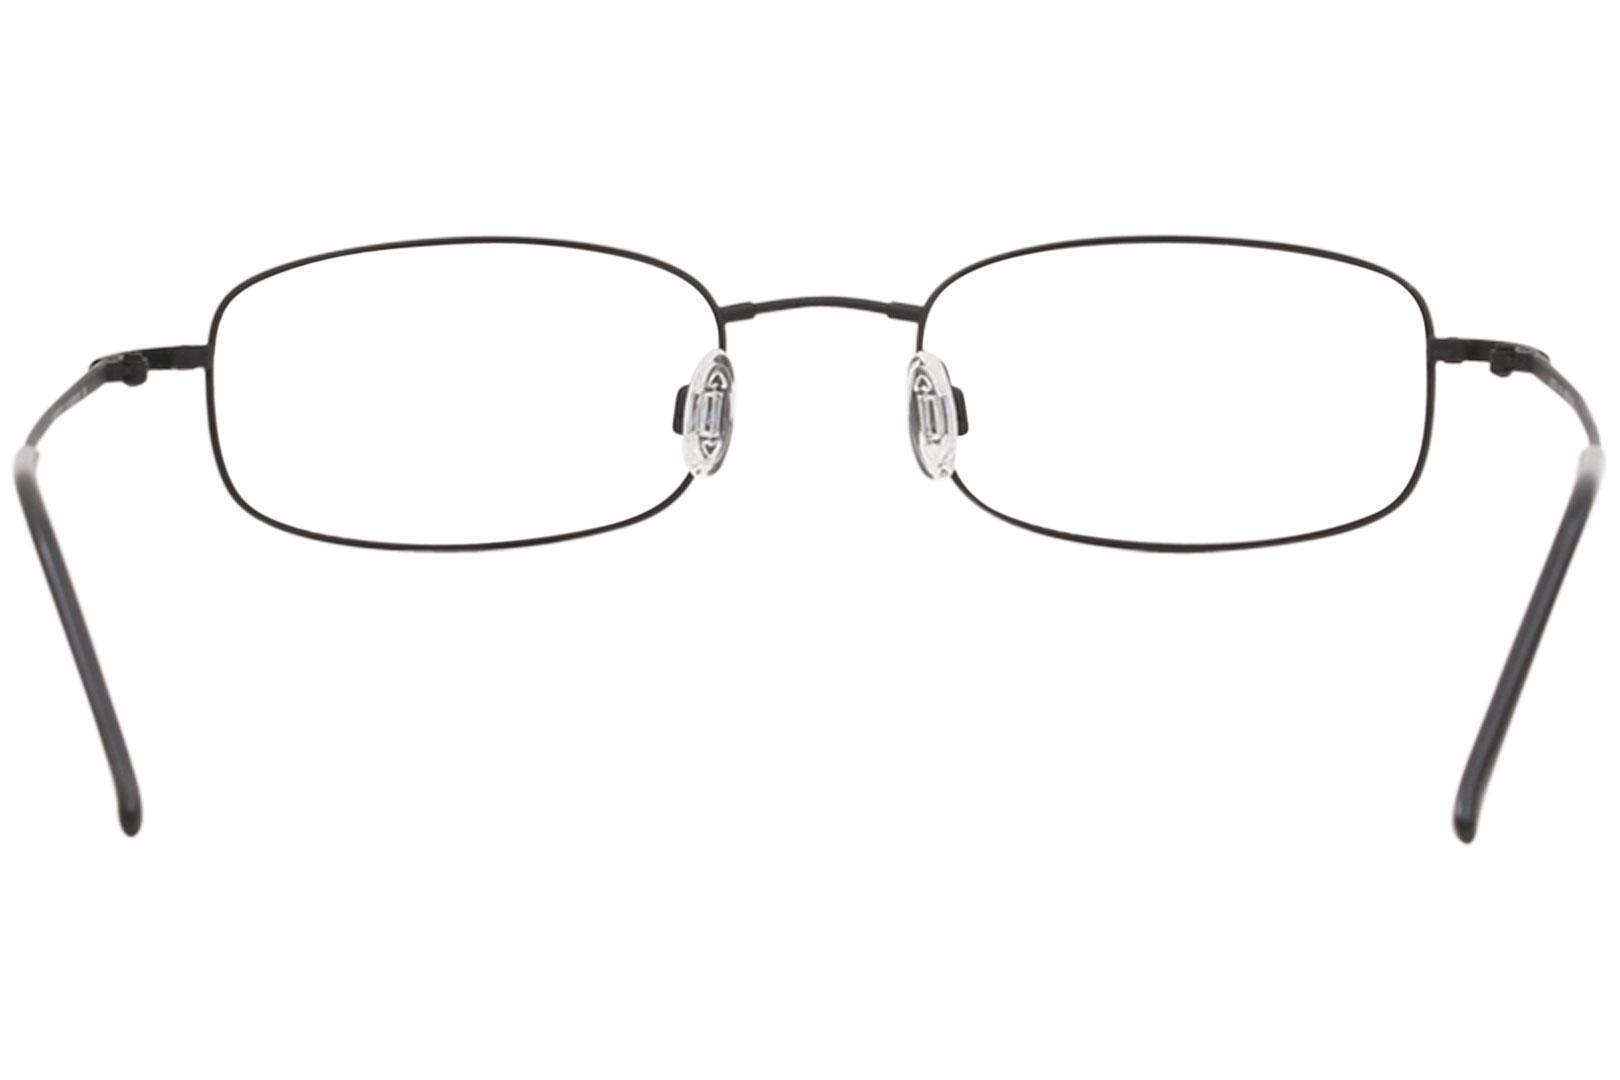 dc7e2dc9d223 Flexon Men's Eyeglasses 603 Full Rim Optical Frame by Flexon. 12345